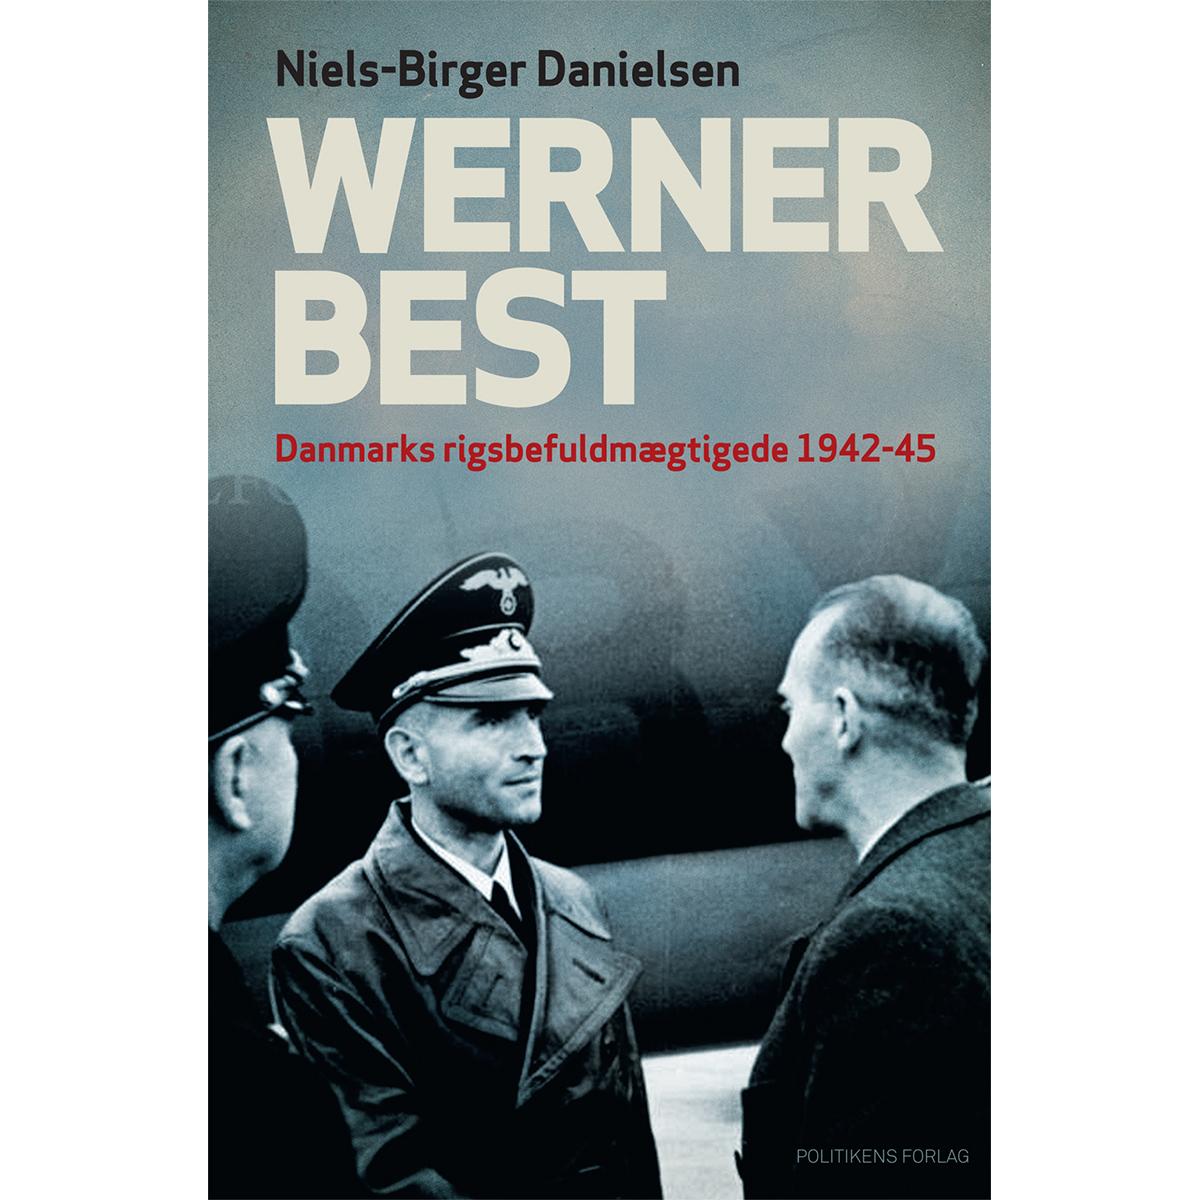 Werner Best - Danmarks rigsbefuldmægtigede 1942-45 - Indbundet